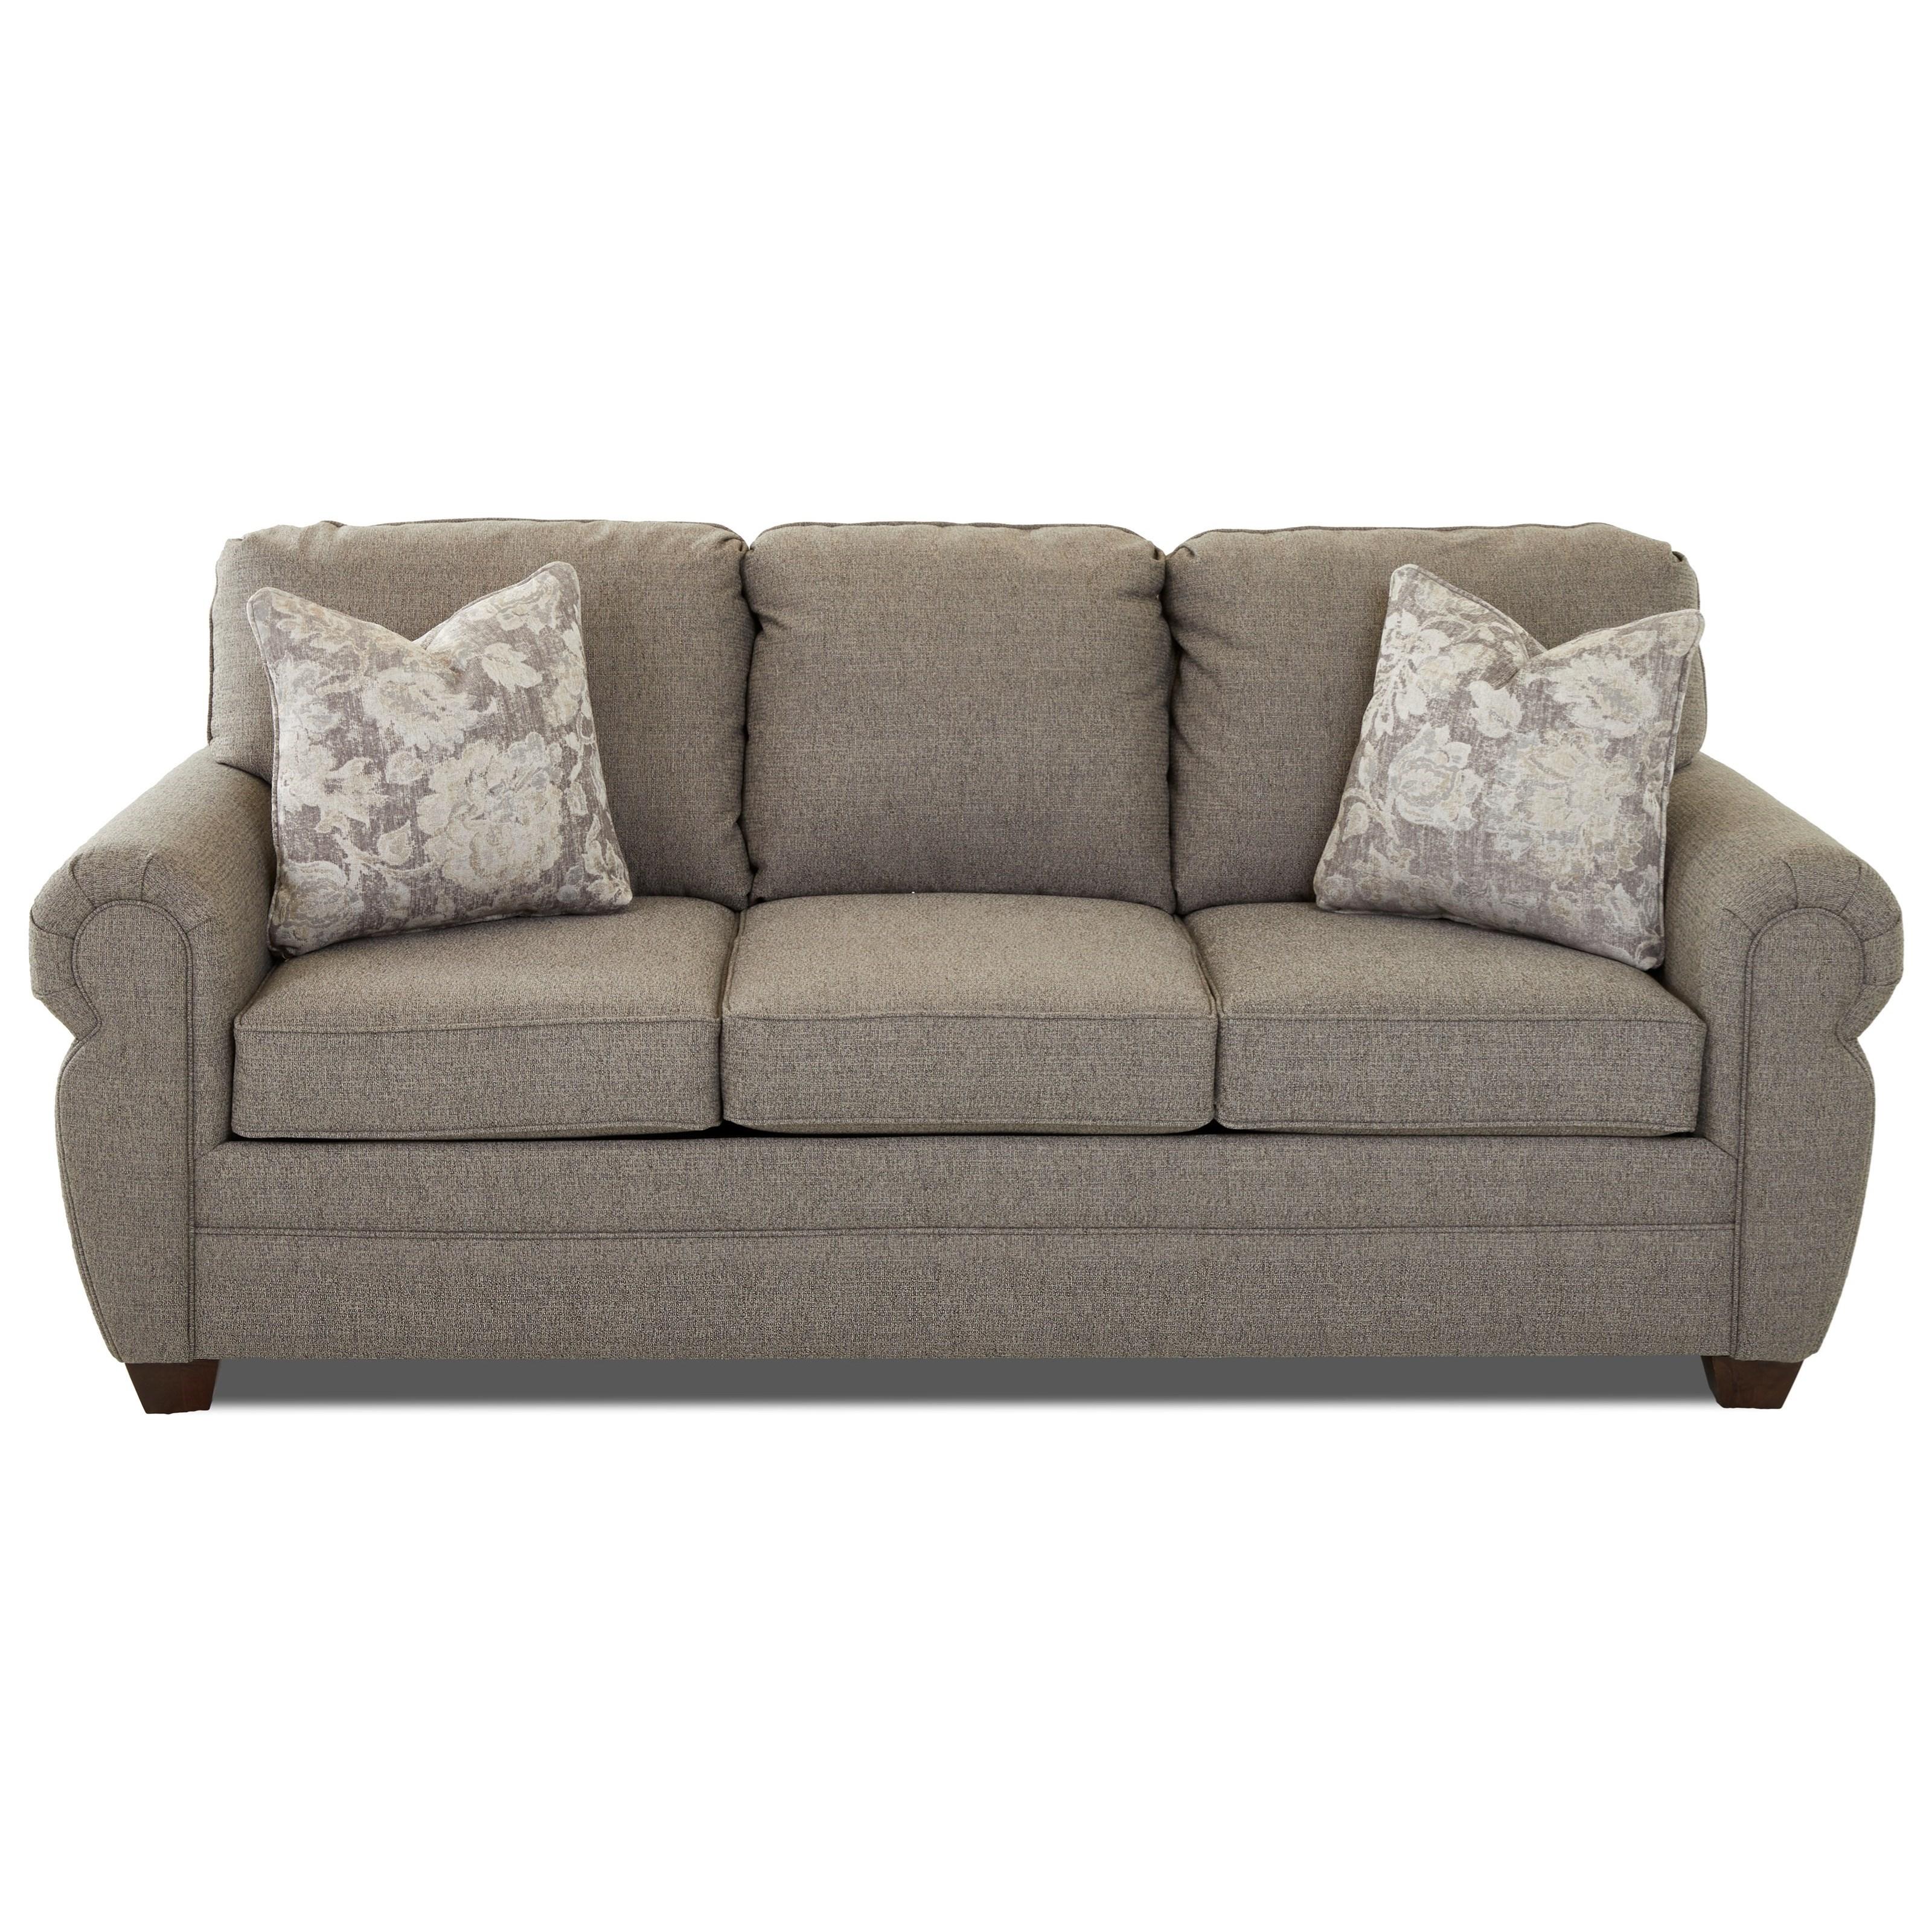 Sleeper Sofa w/ Air Coil Mattress